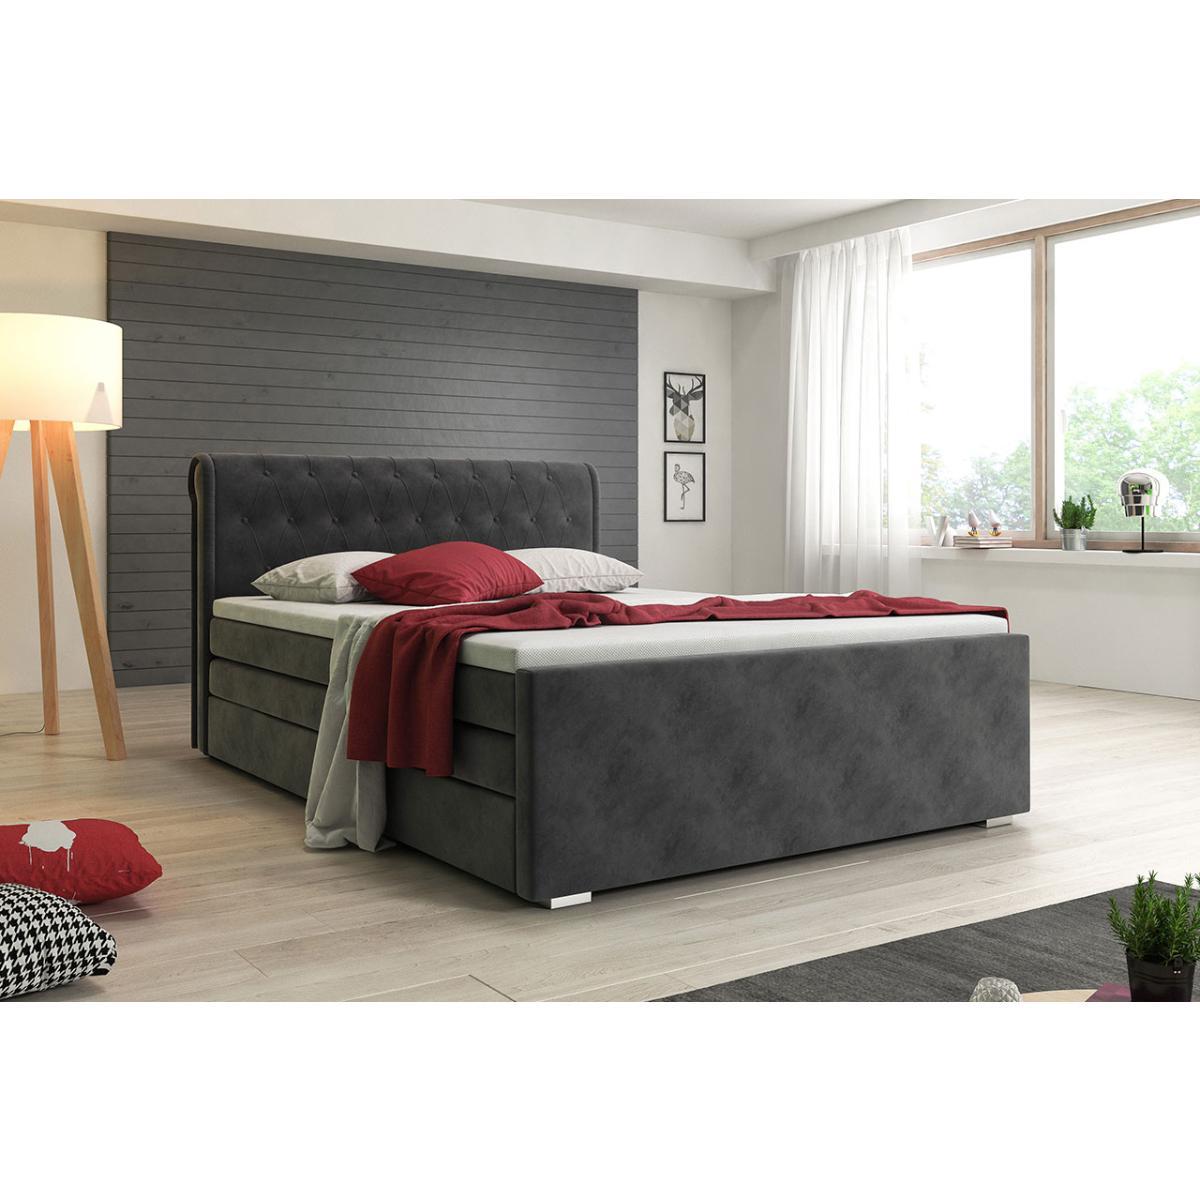 euromat gastronomiem bel in berlin grenzallee 22. Black Bedroom Furniture Sets. Home Design Ideas